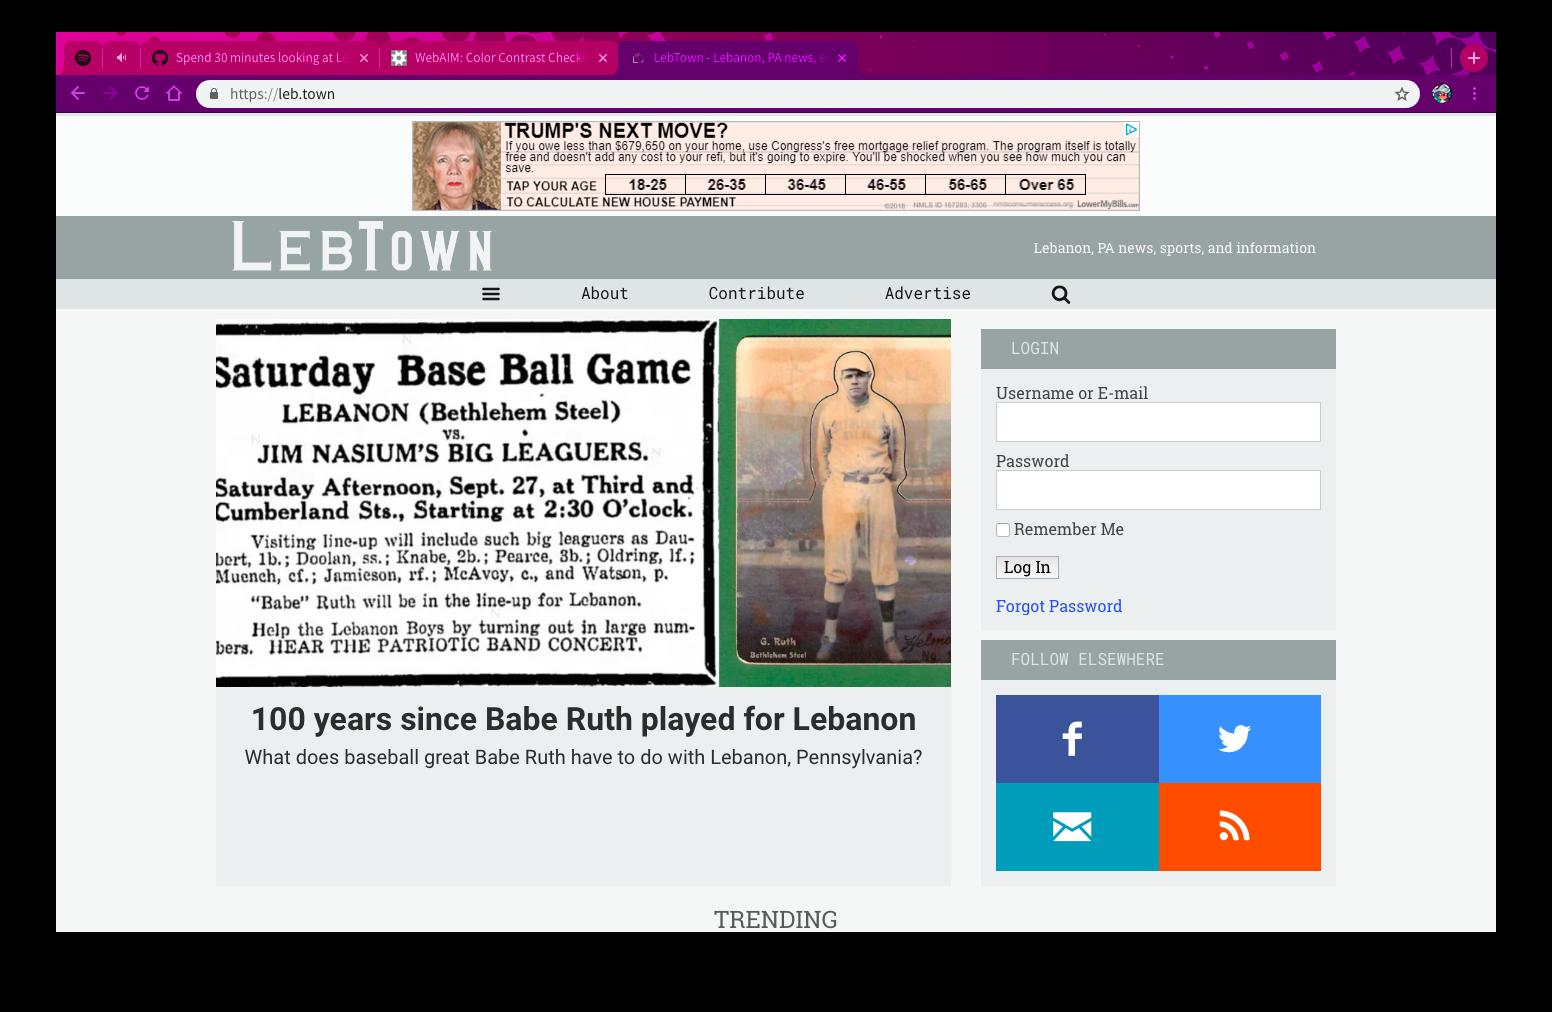 Increase the story density in viewport by tweaking card styles